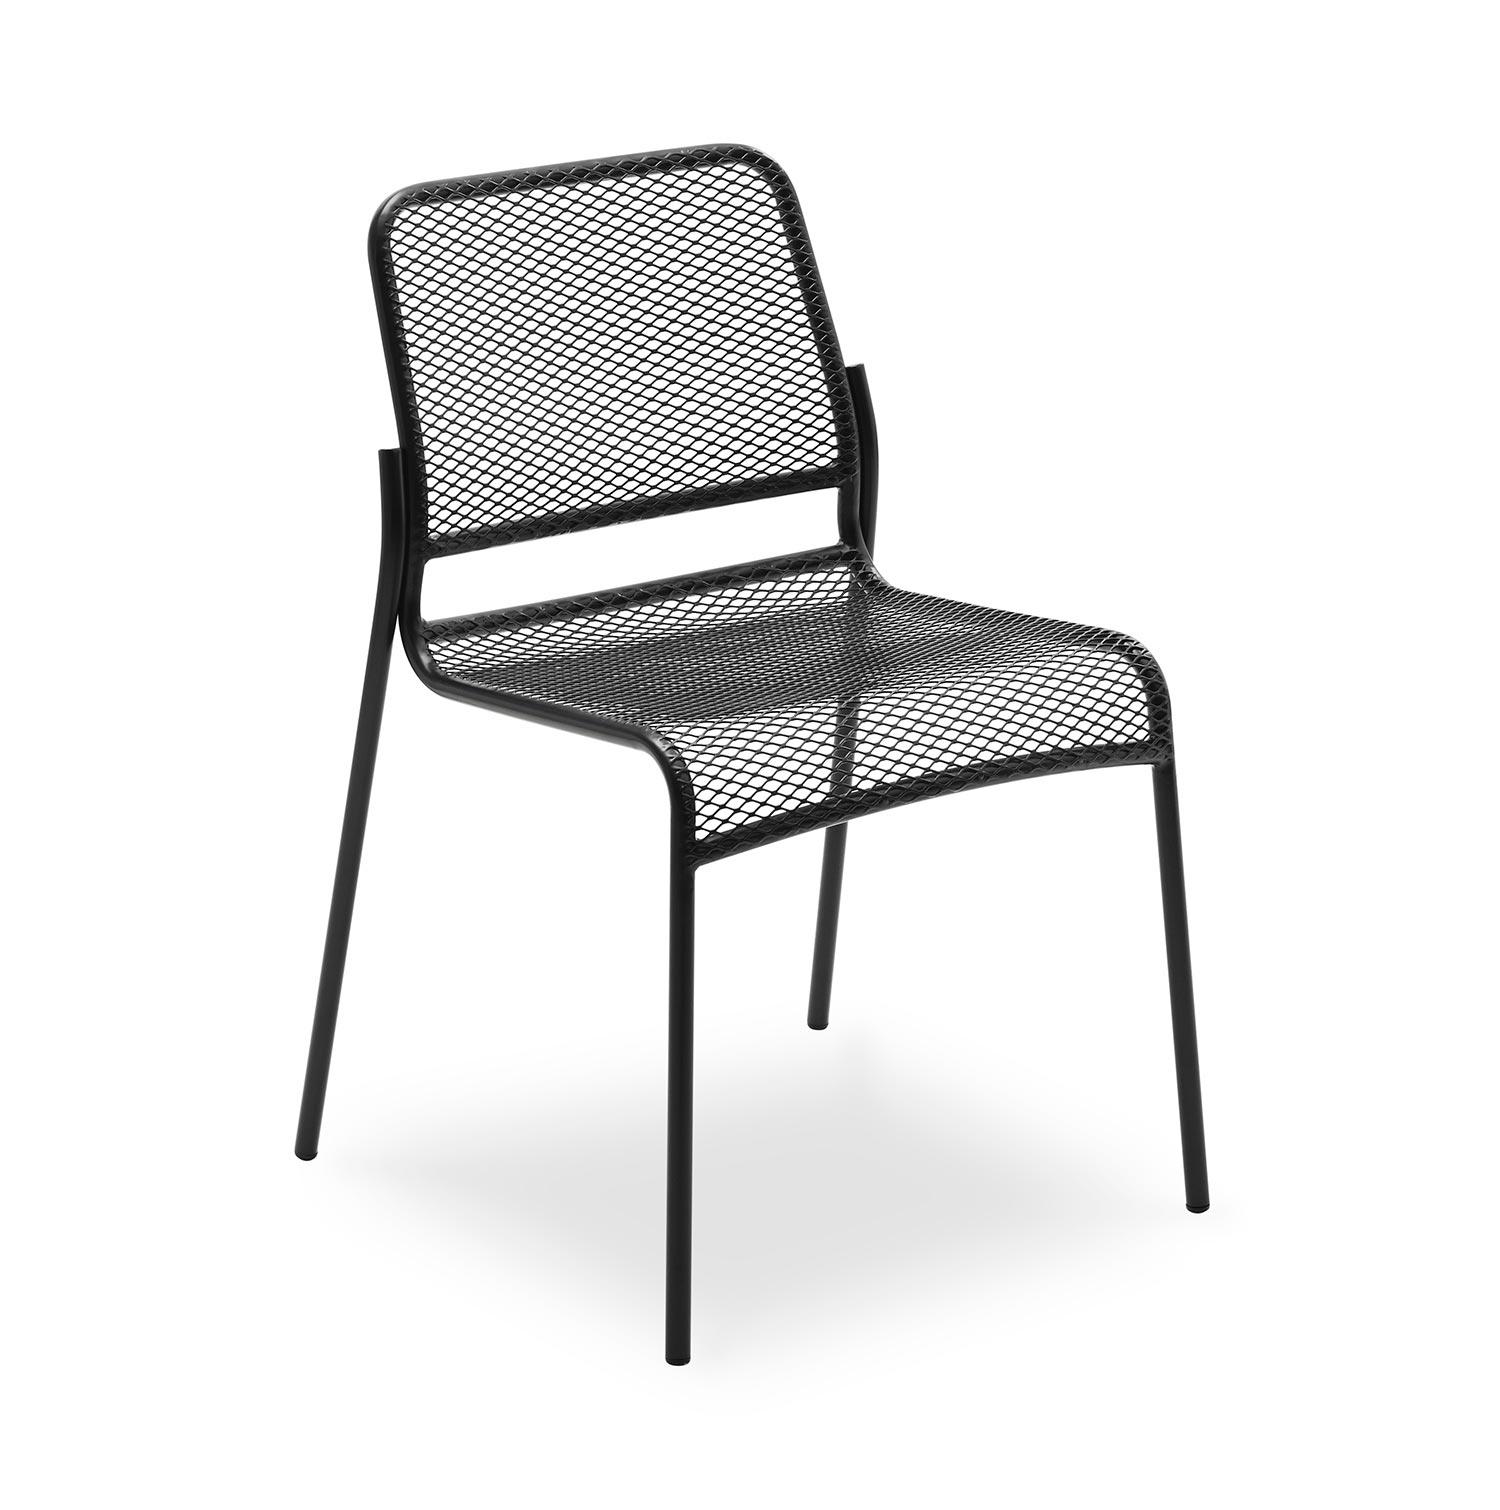 Mira stol från Skagerak i antracitgrått.